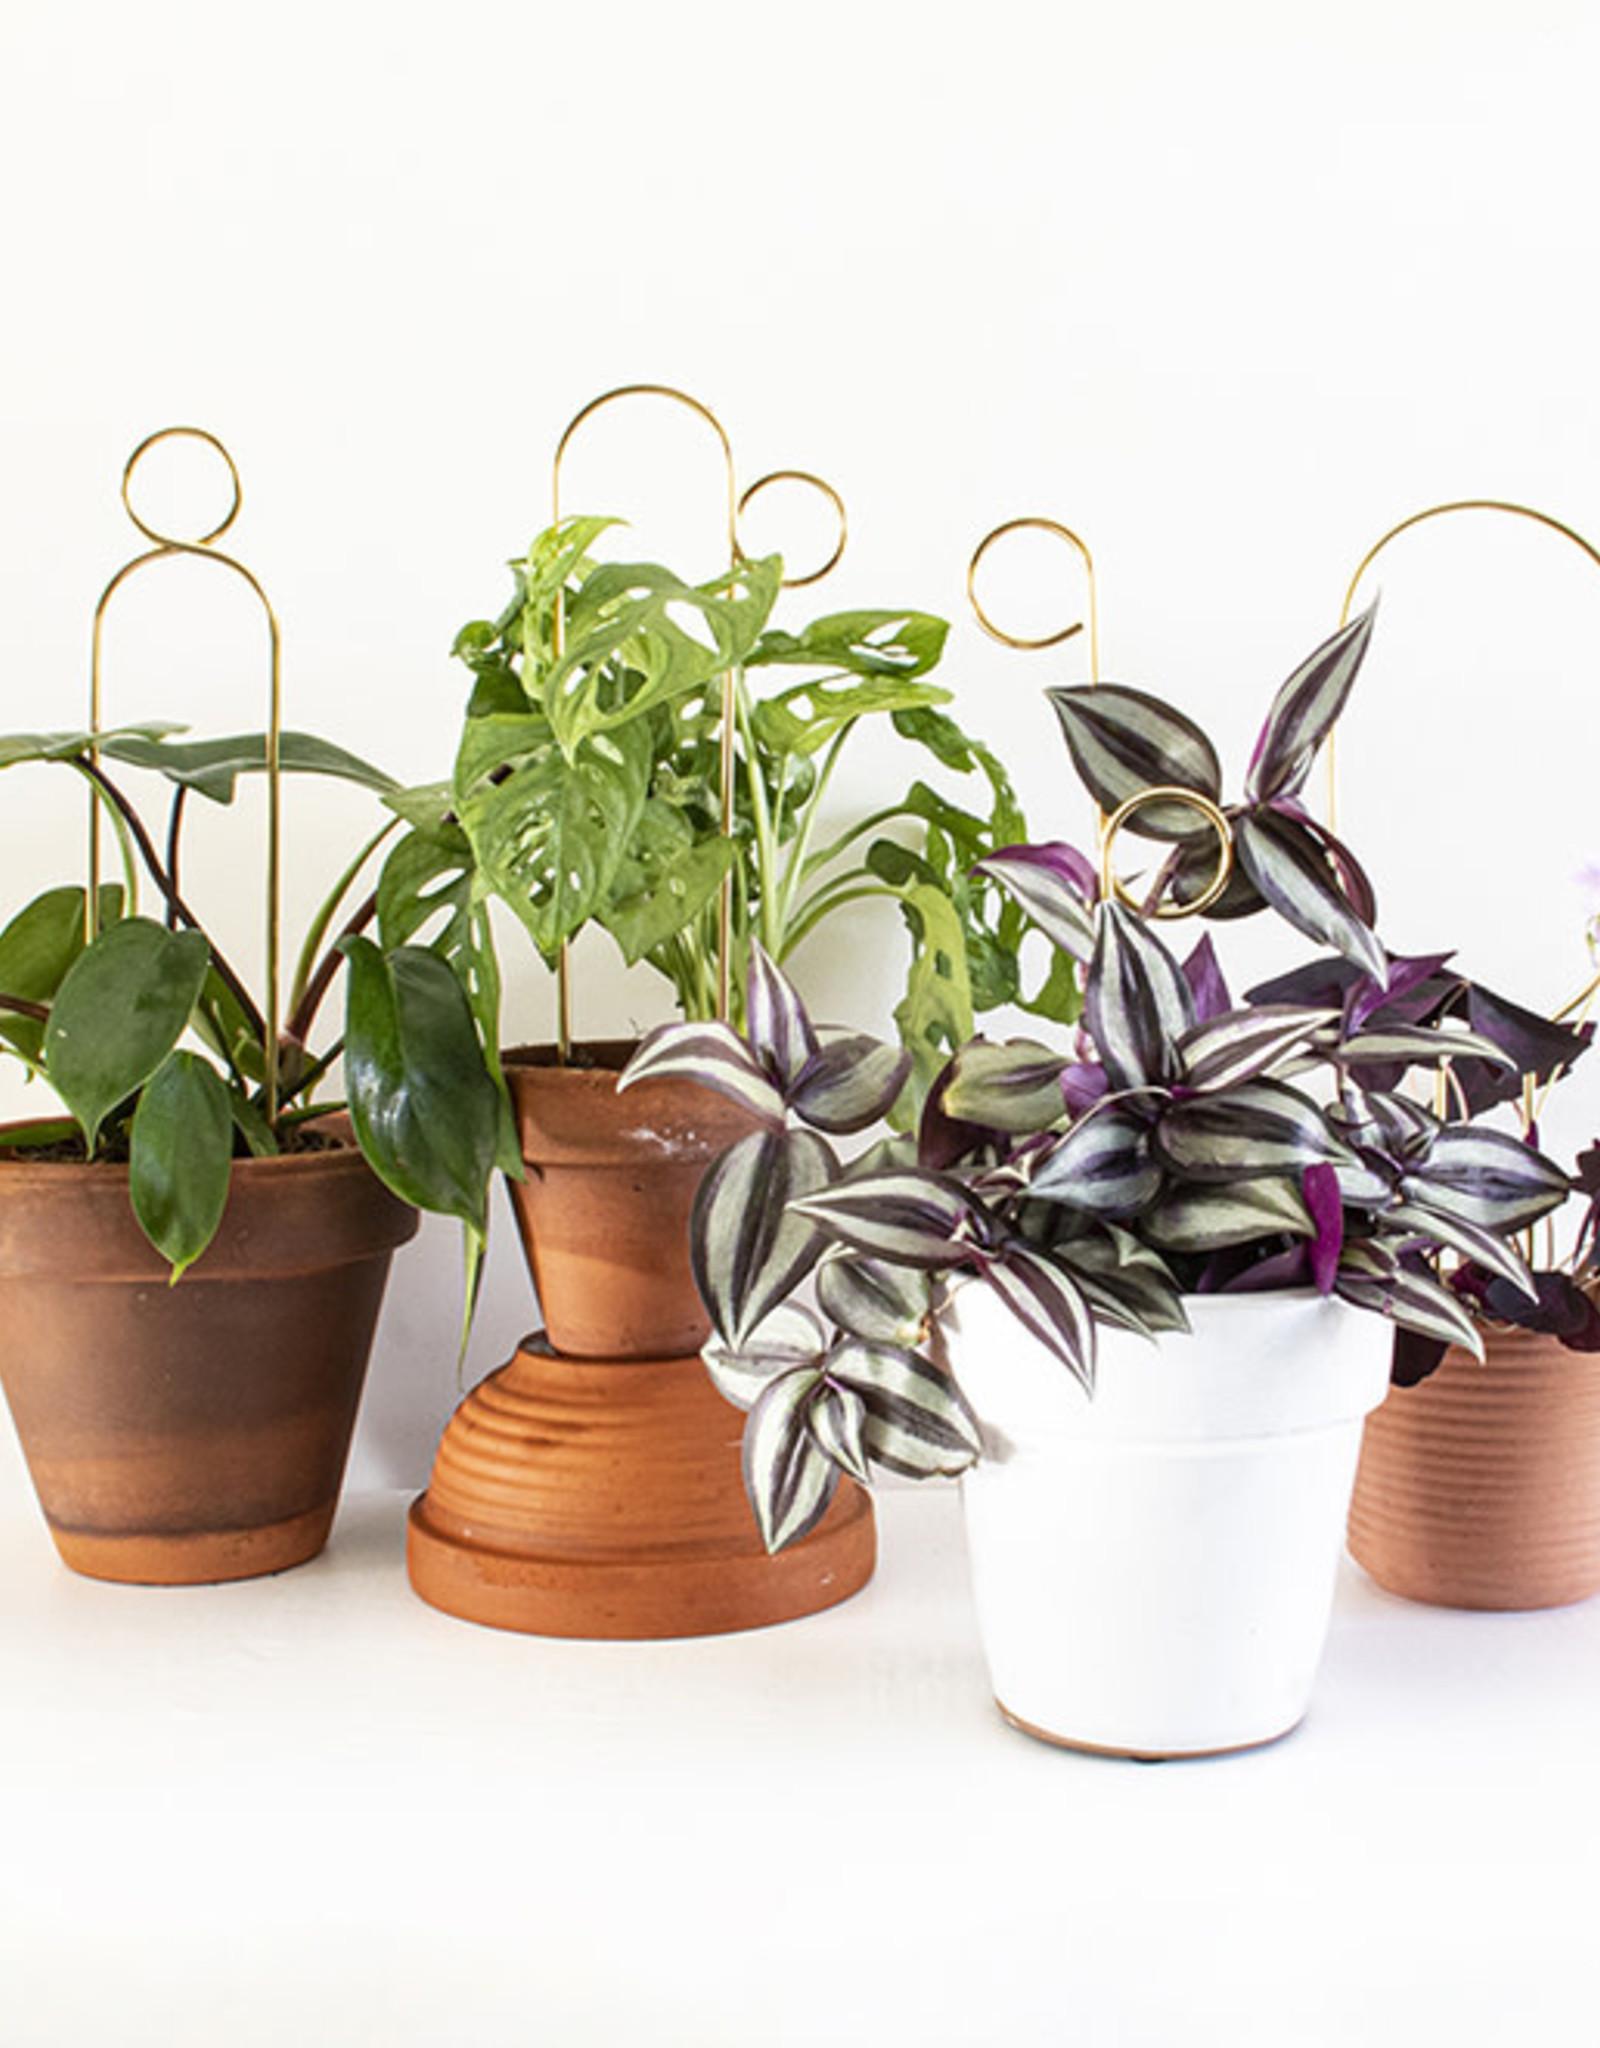 Botanopia Golden Plant Stake Mini - Perch